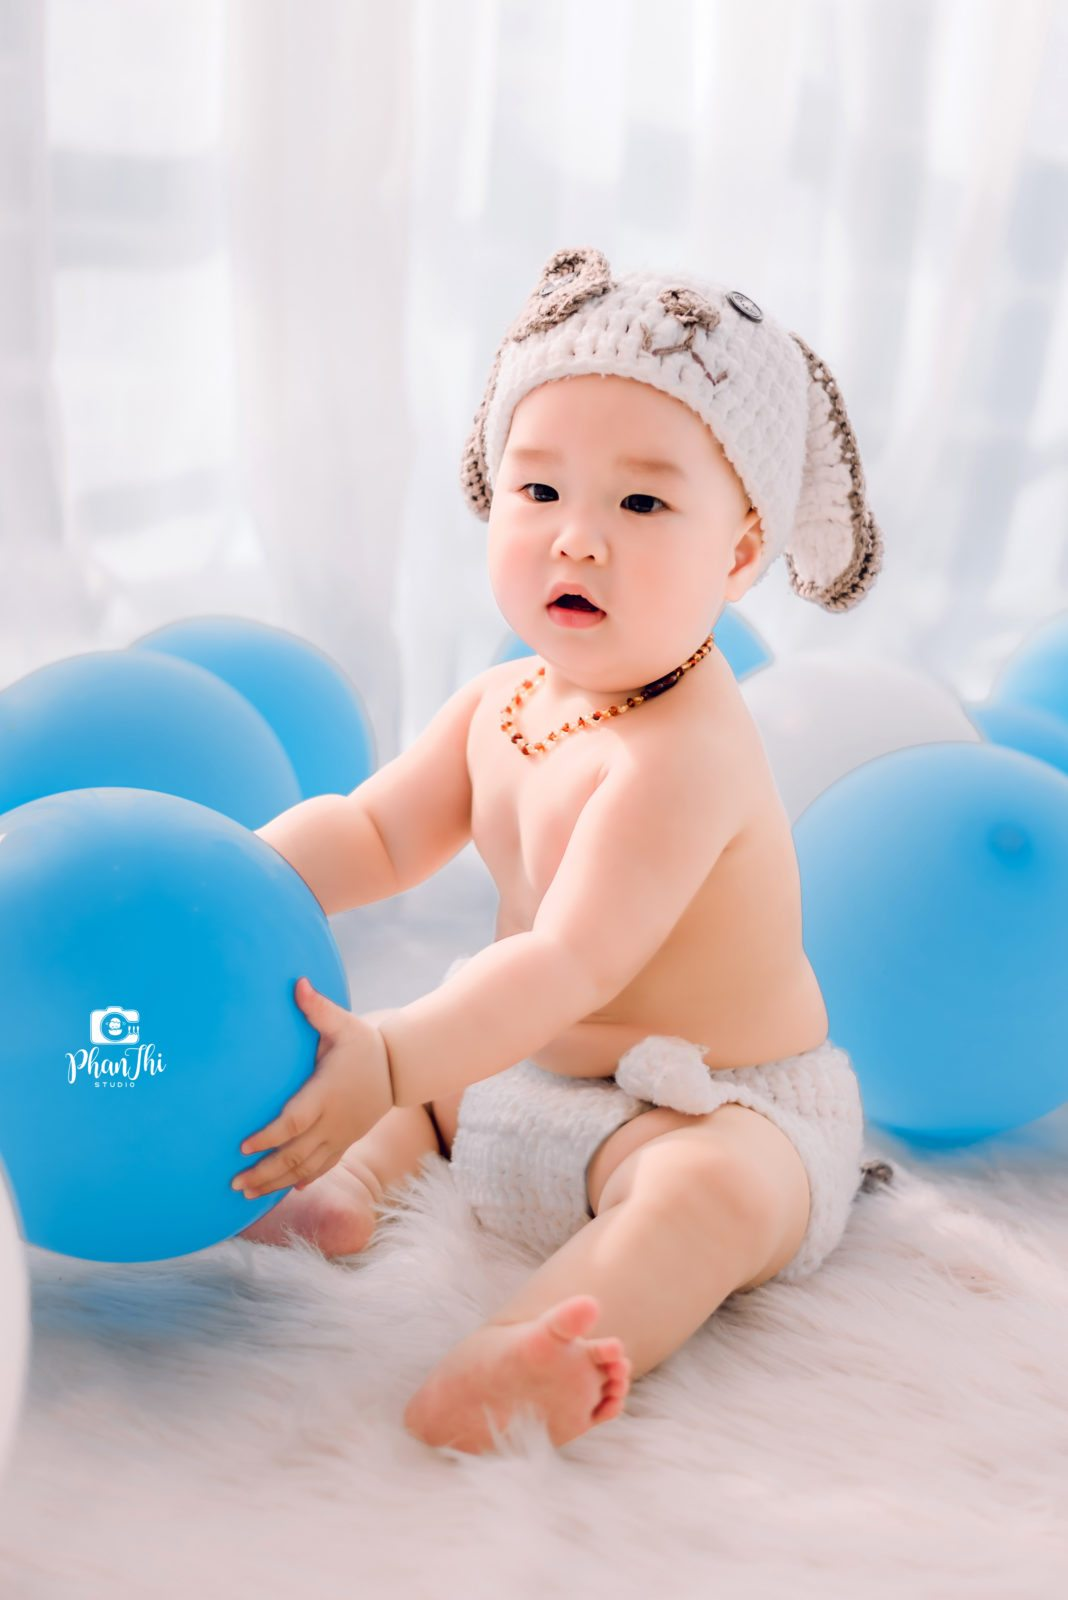 Album chụp ảnh cho bé Bí-Đầu bếp nhí 10